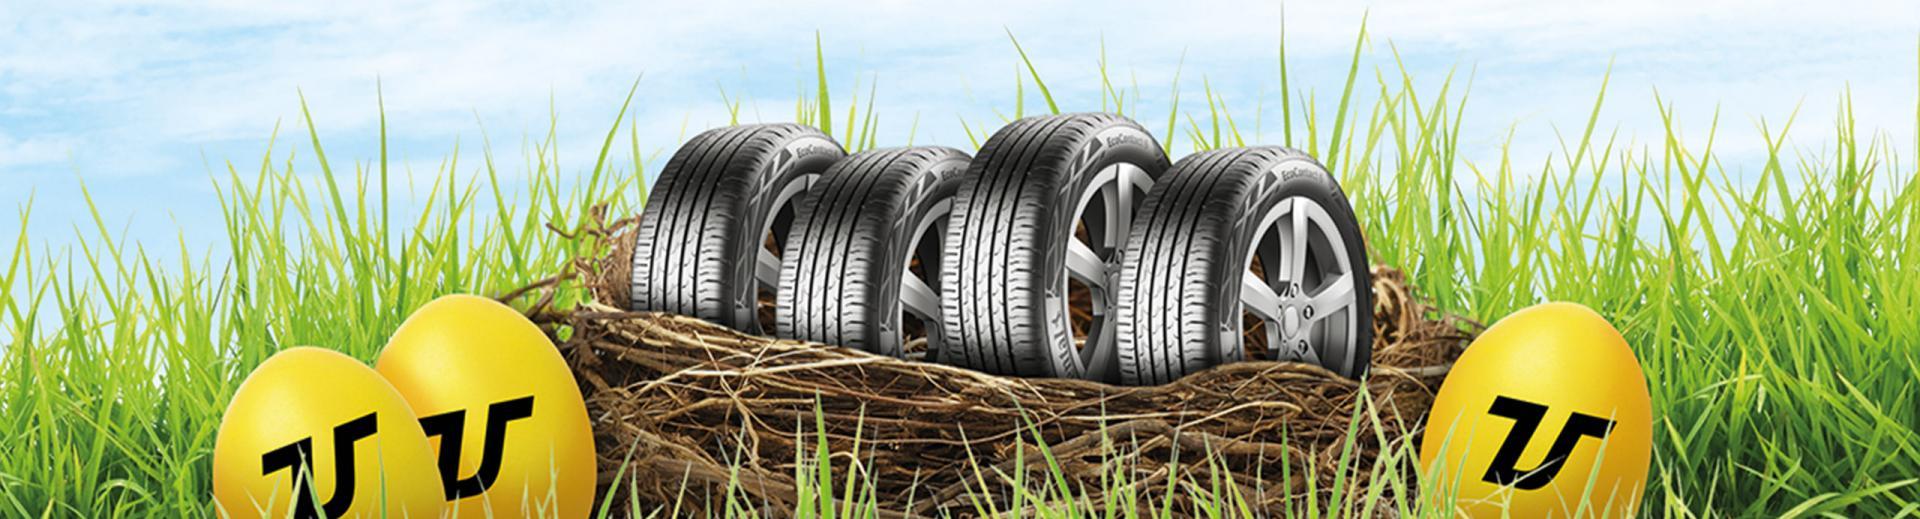 Beim Kauf Von Vier Reifen 40 Rabatt Bei Vergölst Mydealzde